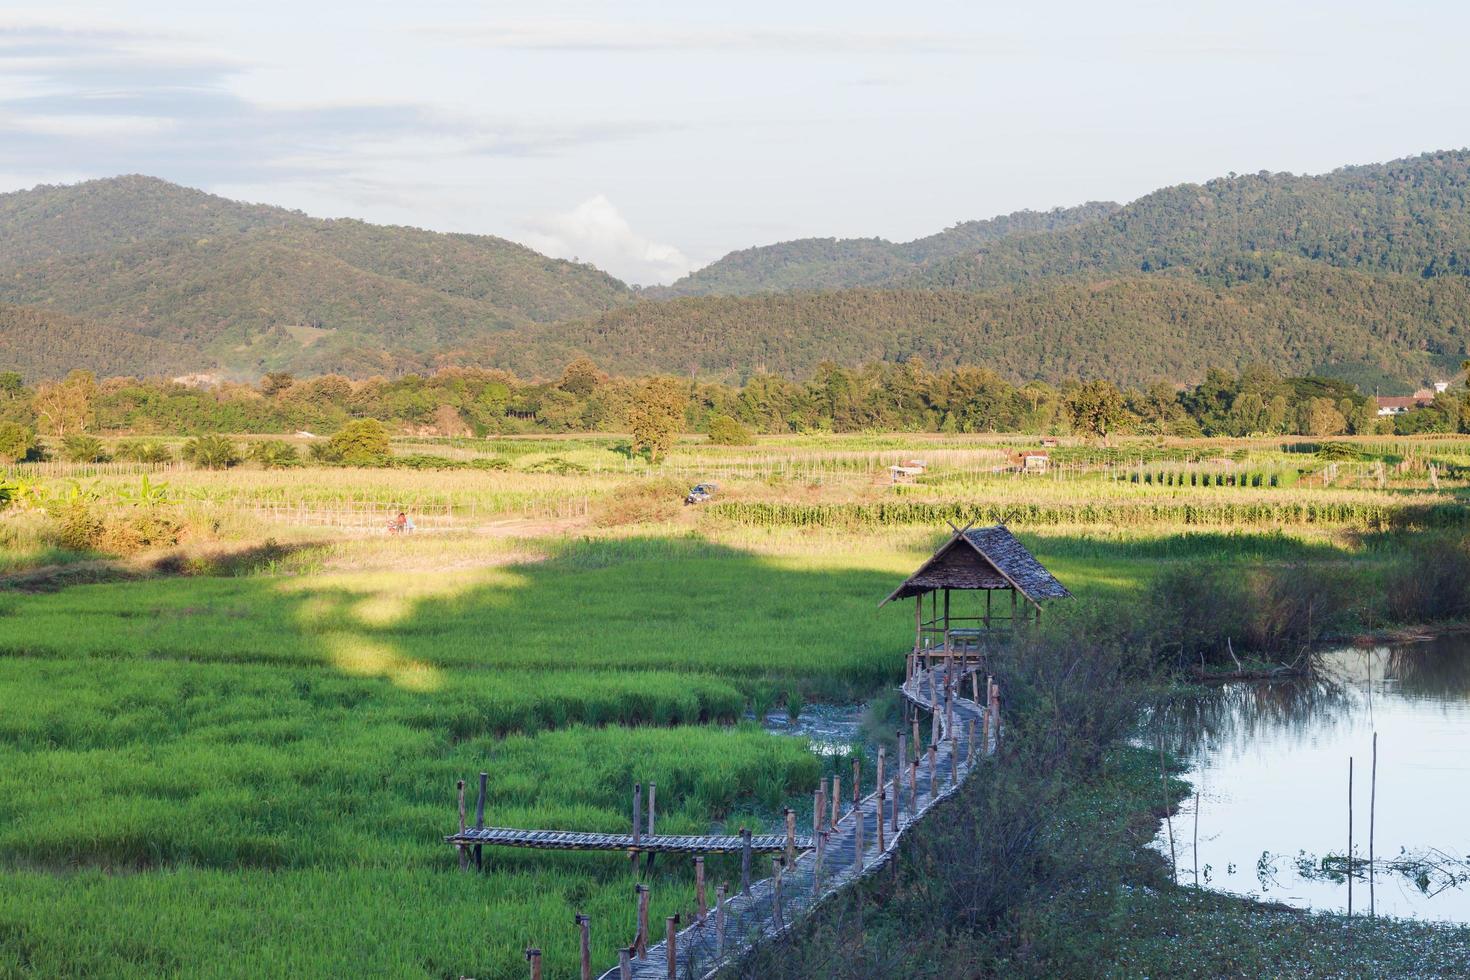 chiang rai, thailandia, 2020 - campo di riso vicino alle montagne foto